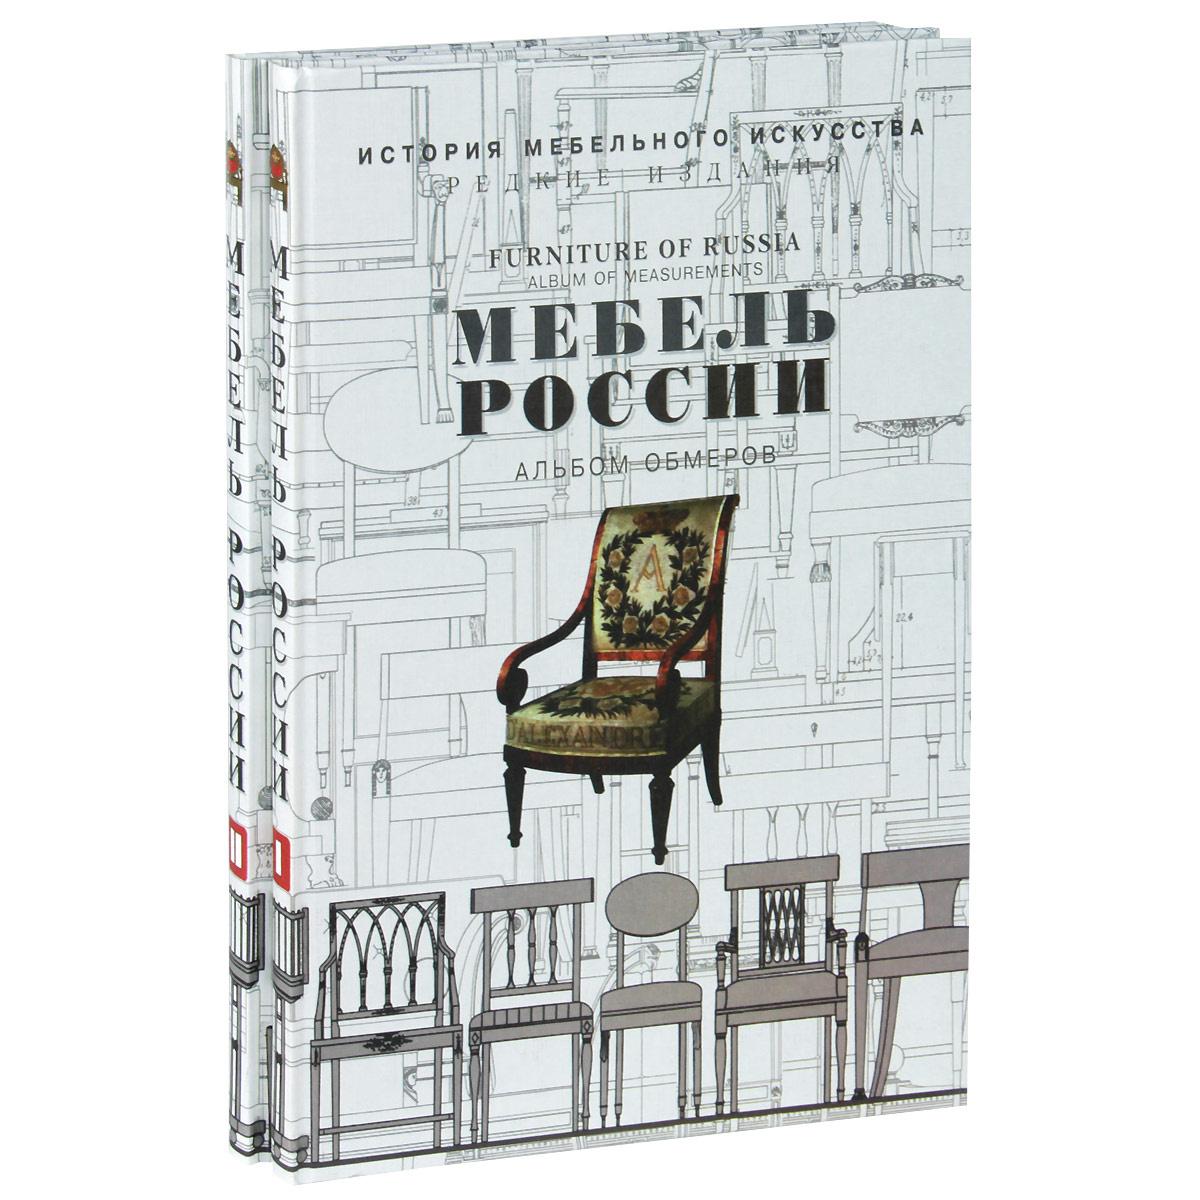 Мебель России. Альбом обмеров (комплект из 2 книг) #1